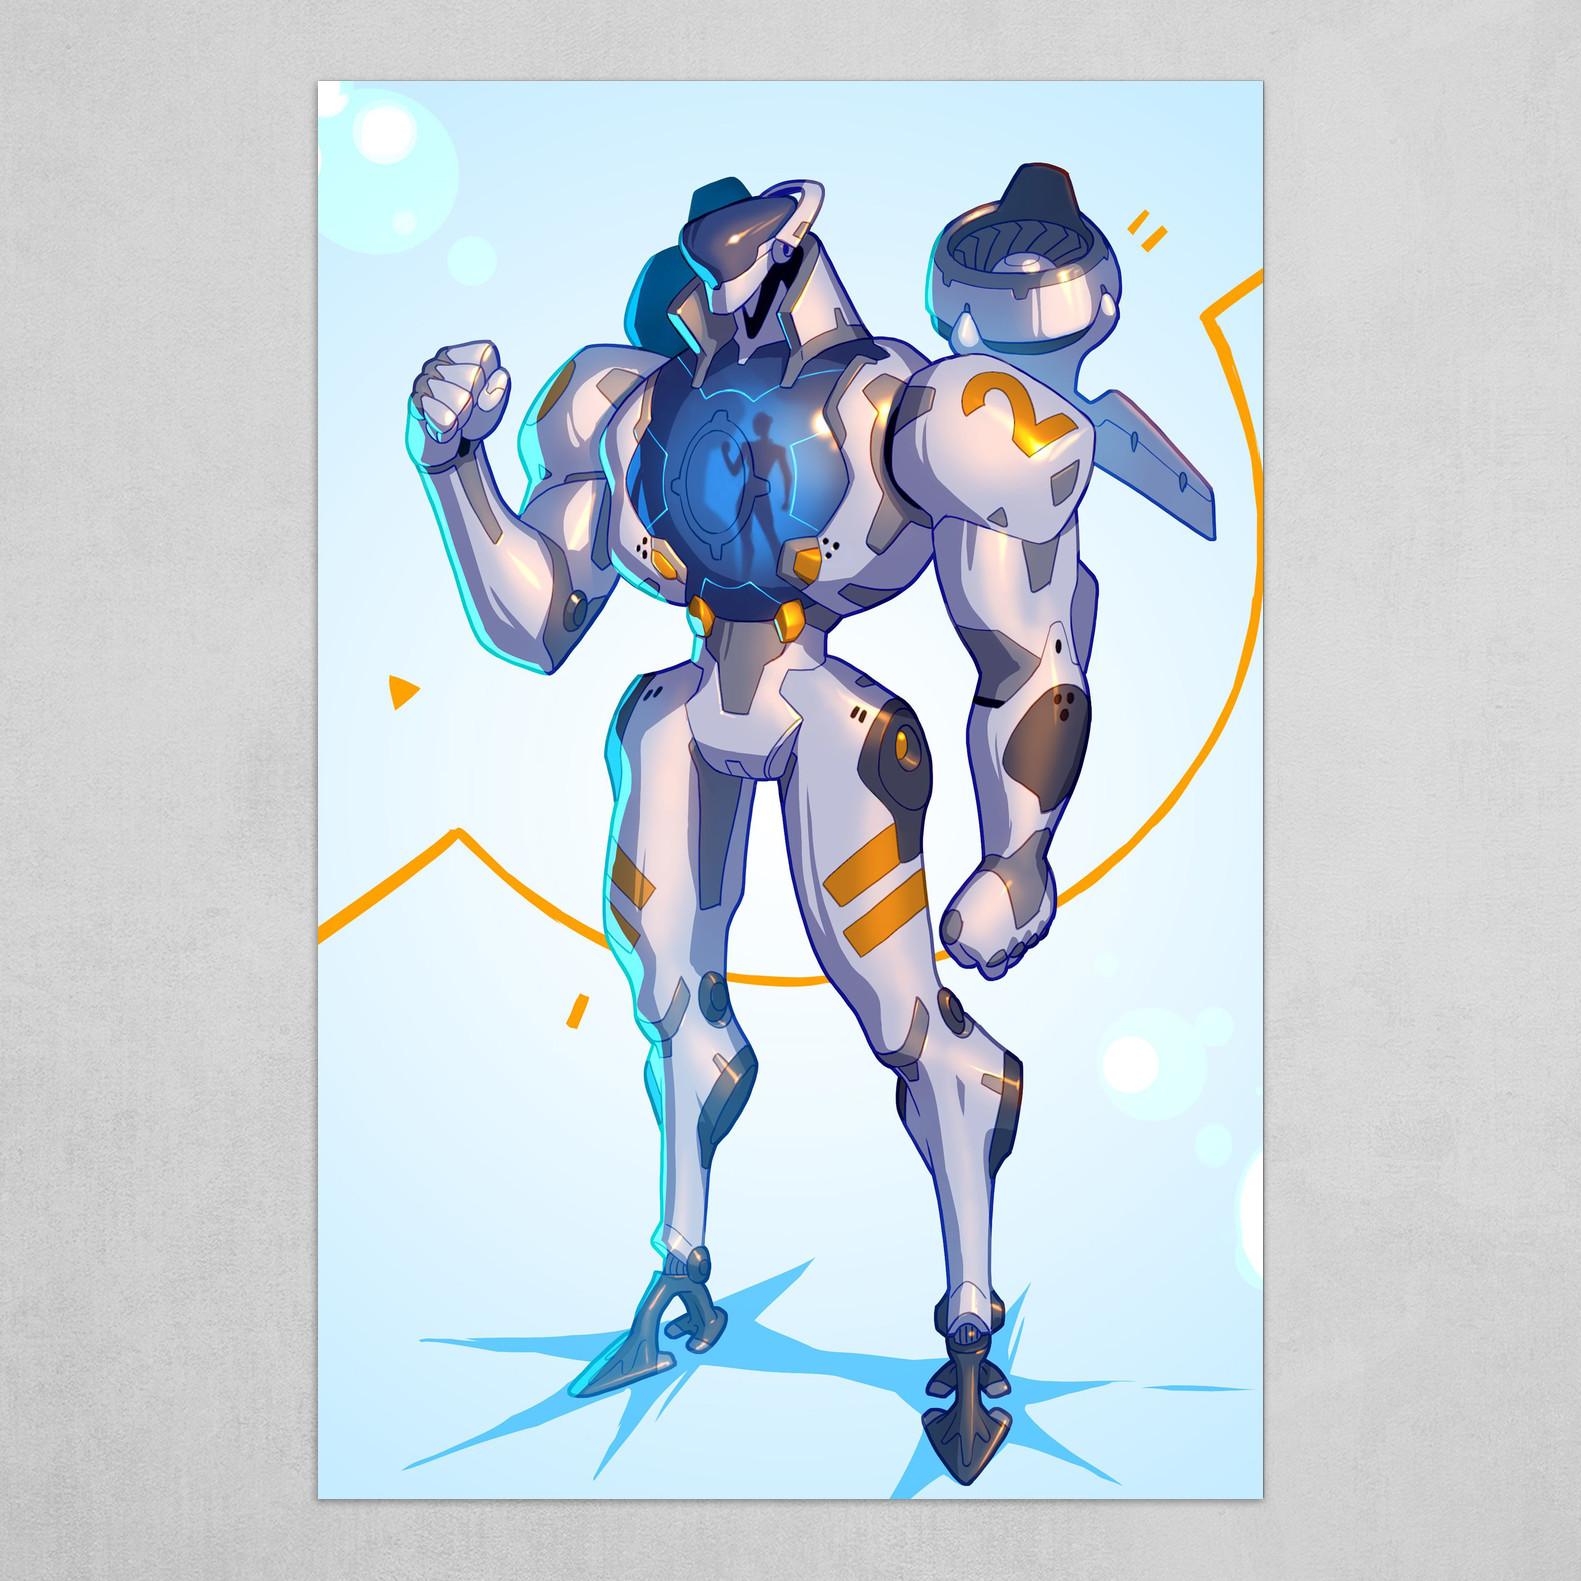 Exobot